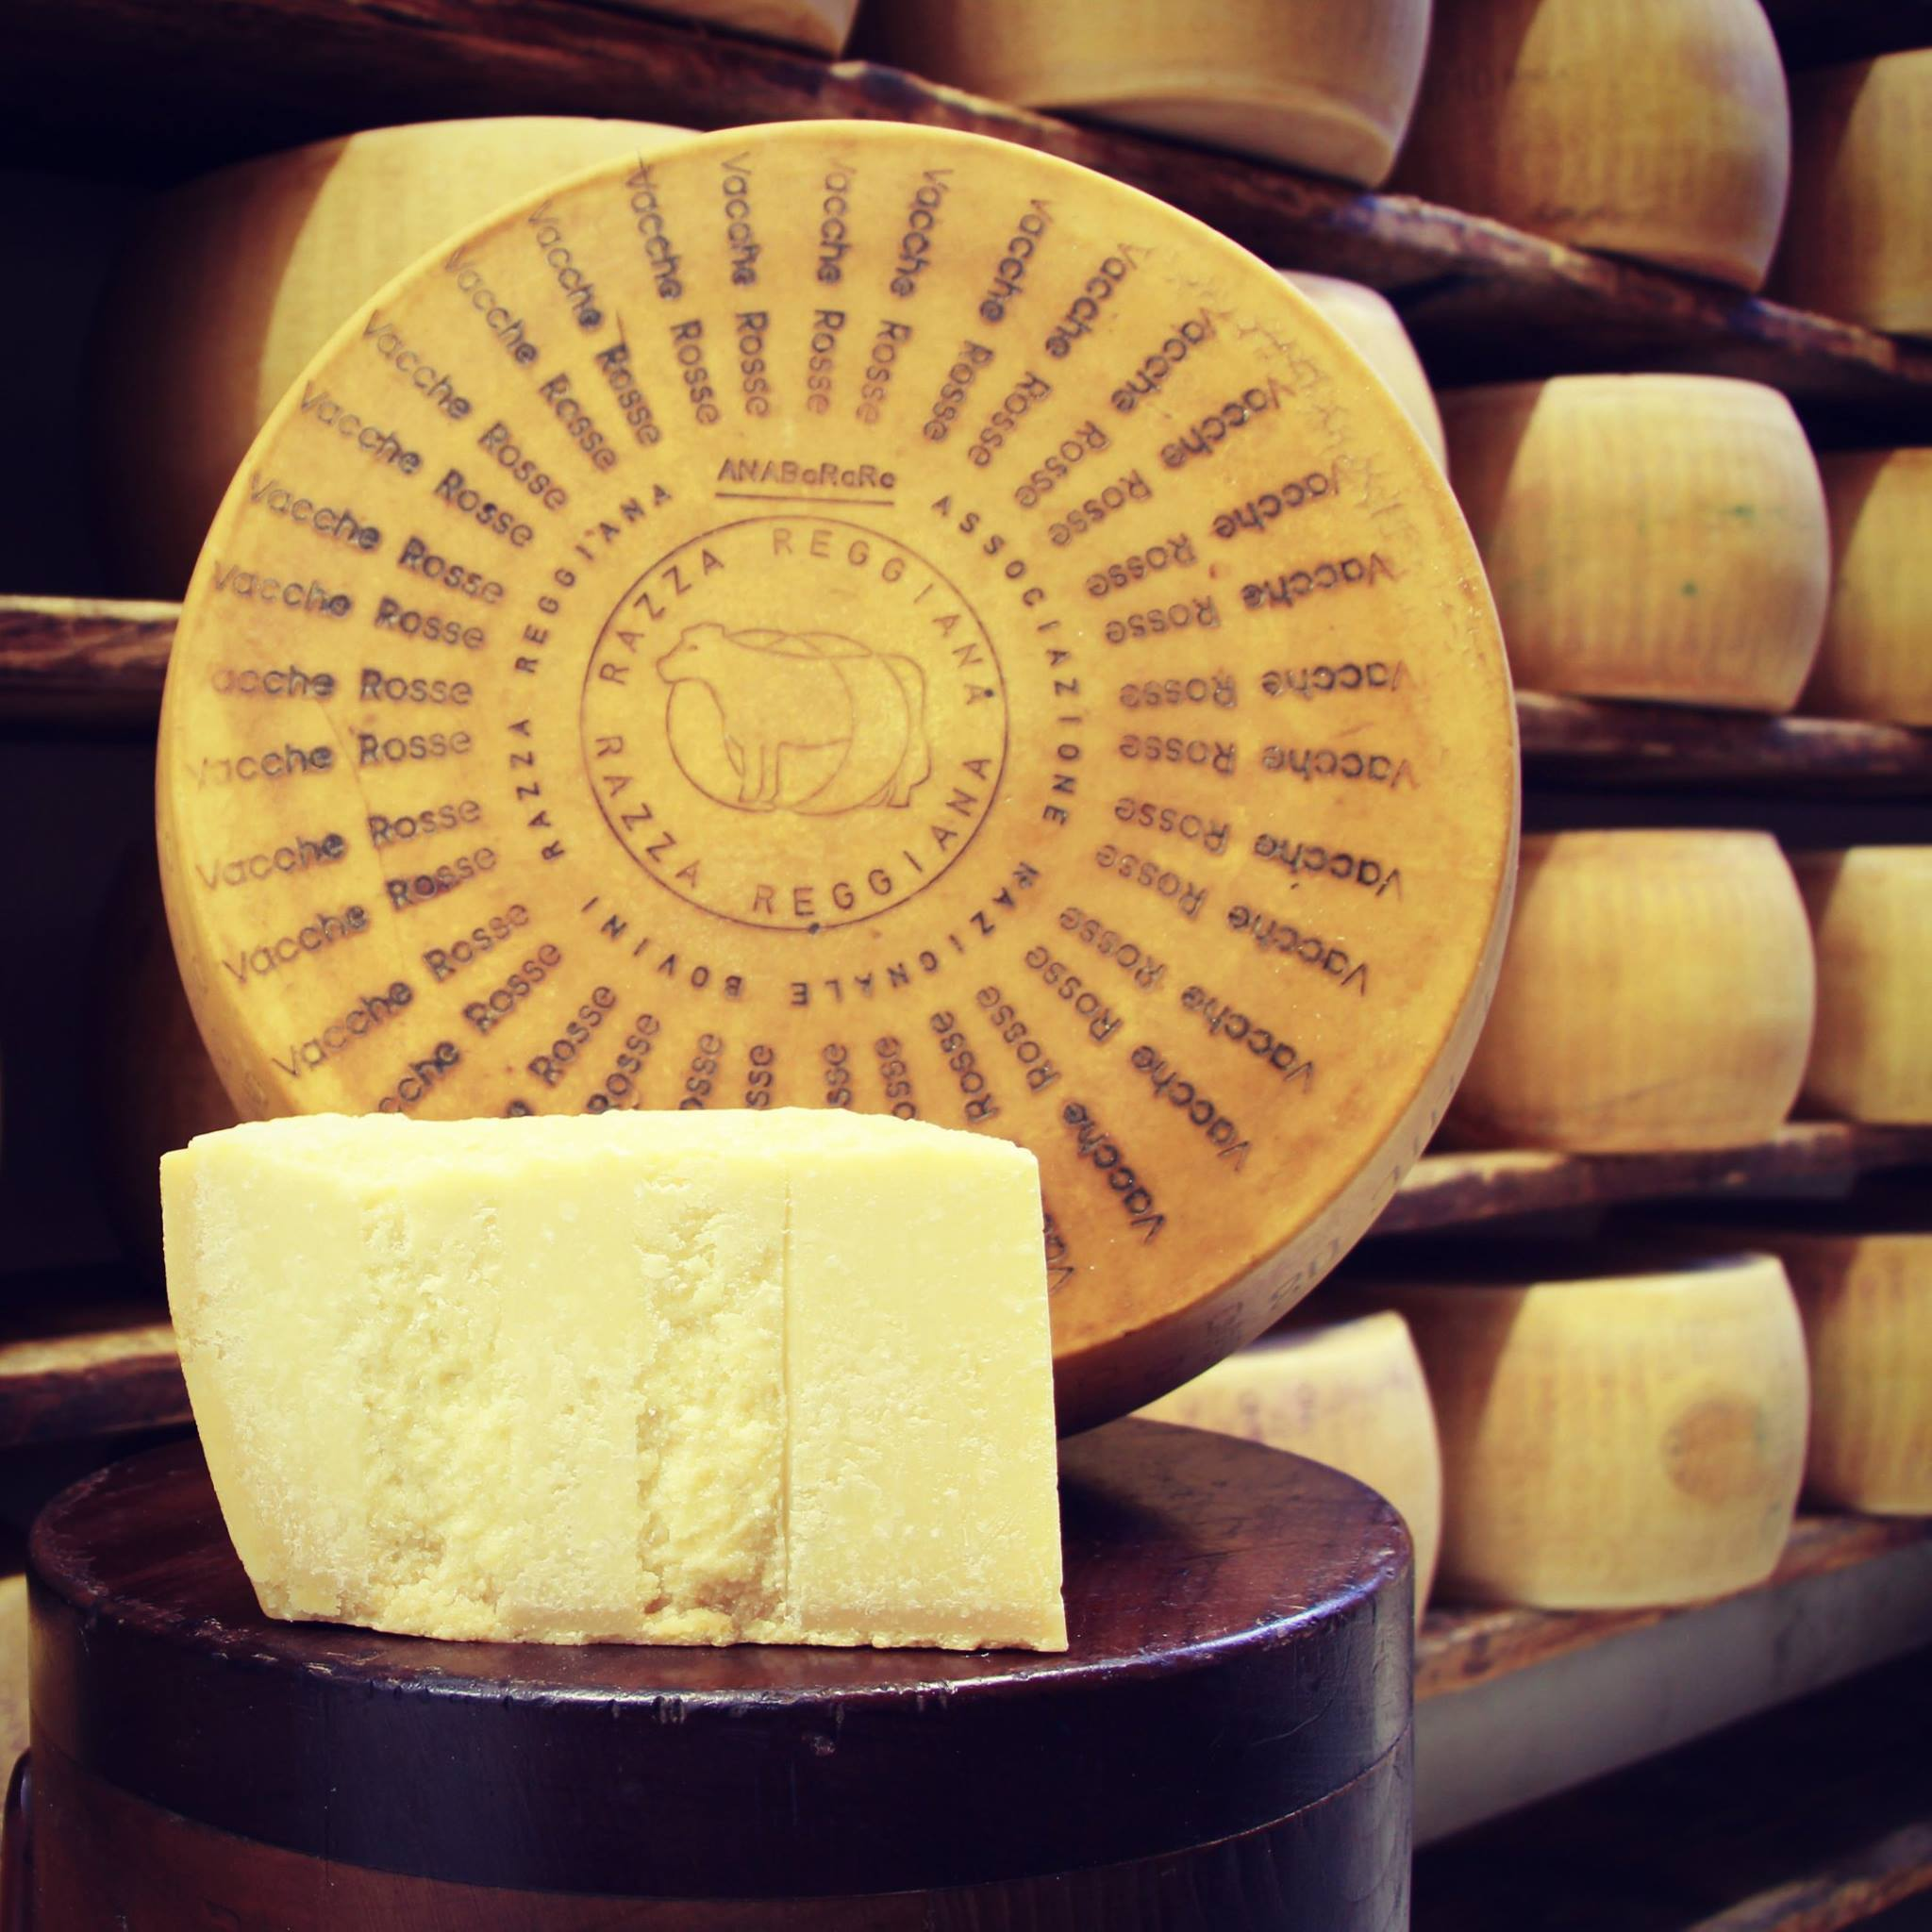 Parmigiano Reggiano Vacche Rosse (aus der Milch der roten Kuh) 30 Monate